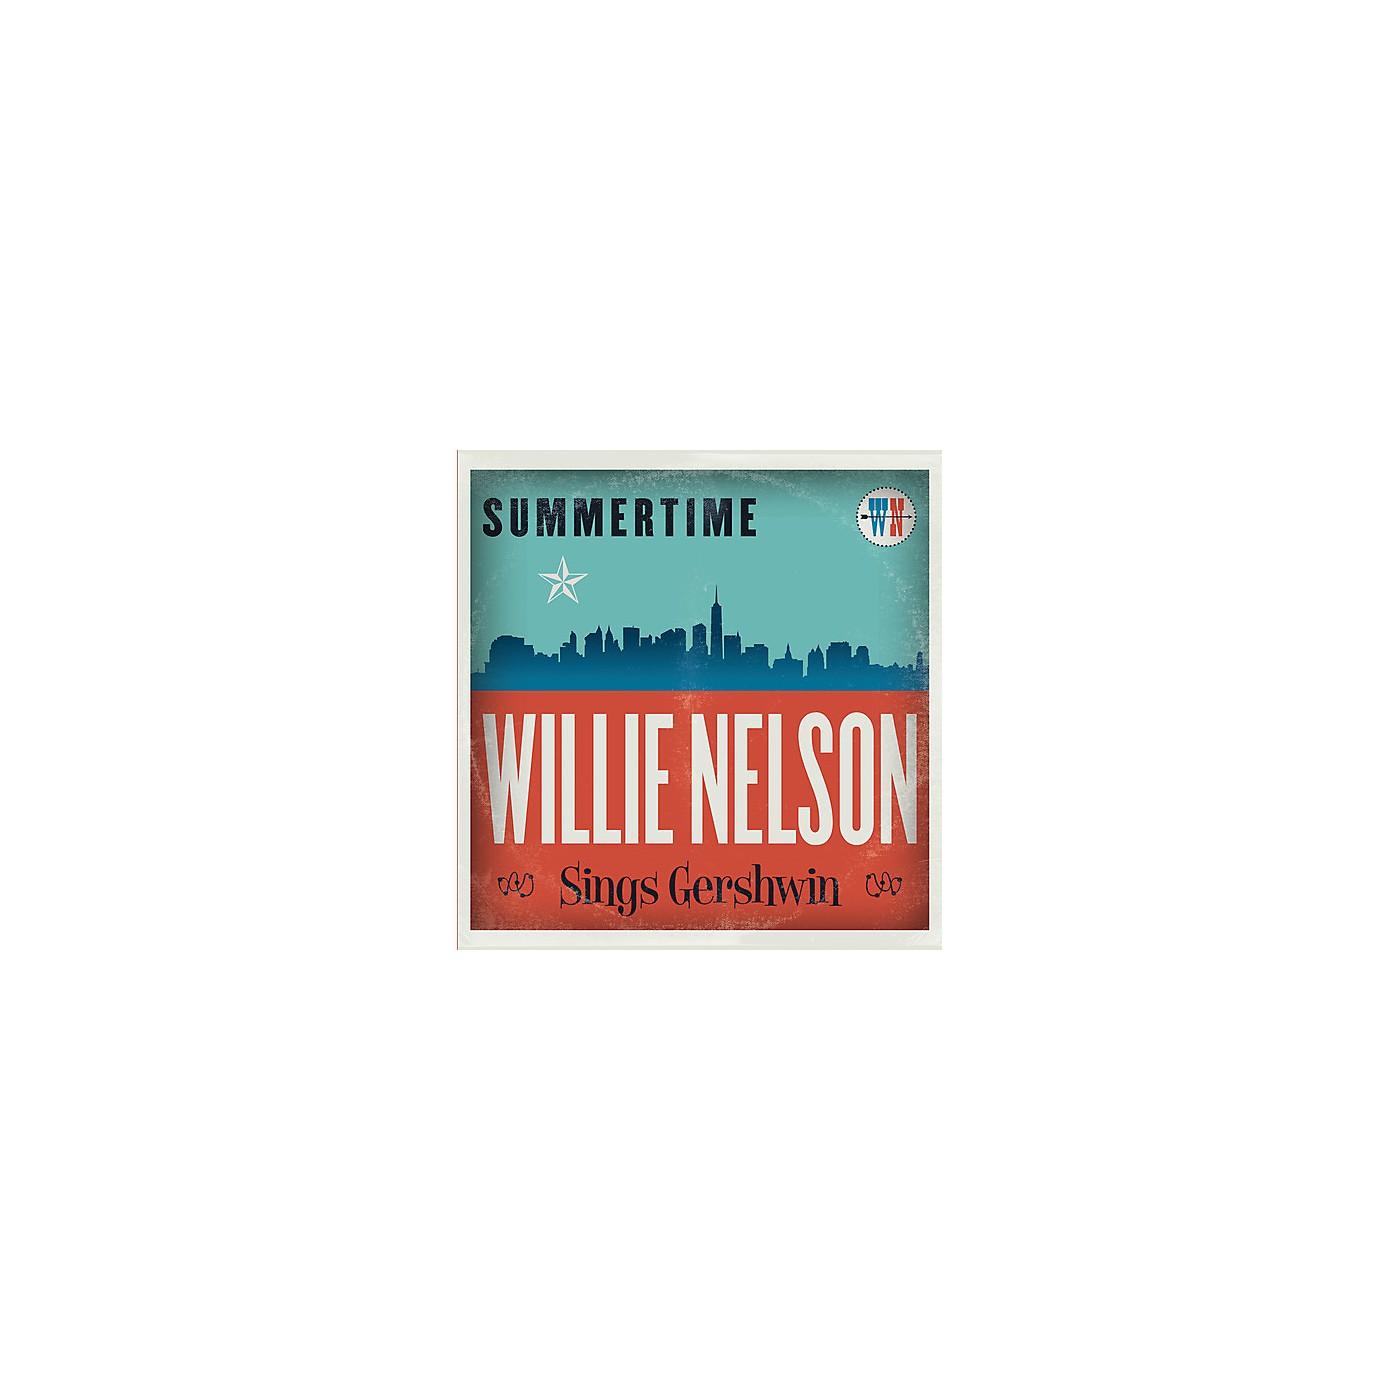 Alliance Willie Nelson - Summertime: Willie Nelson Sings Gershwin thumbnail